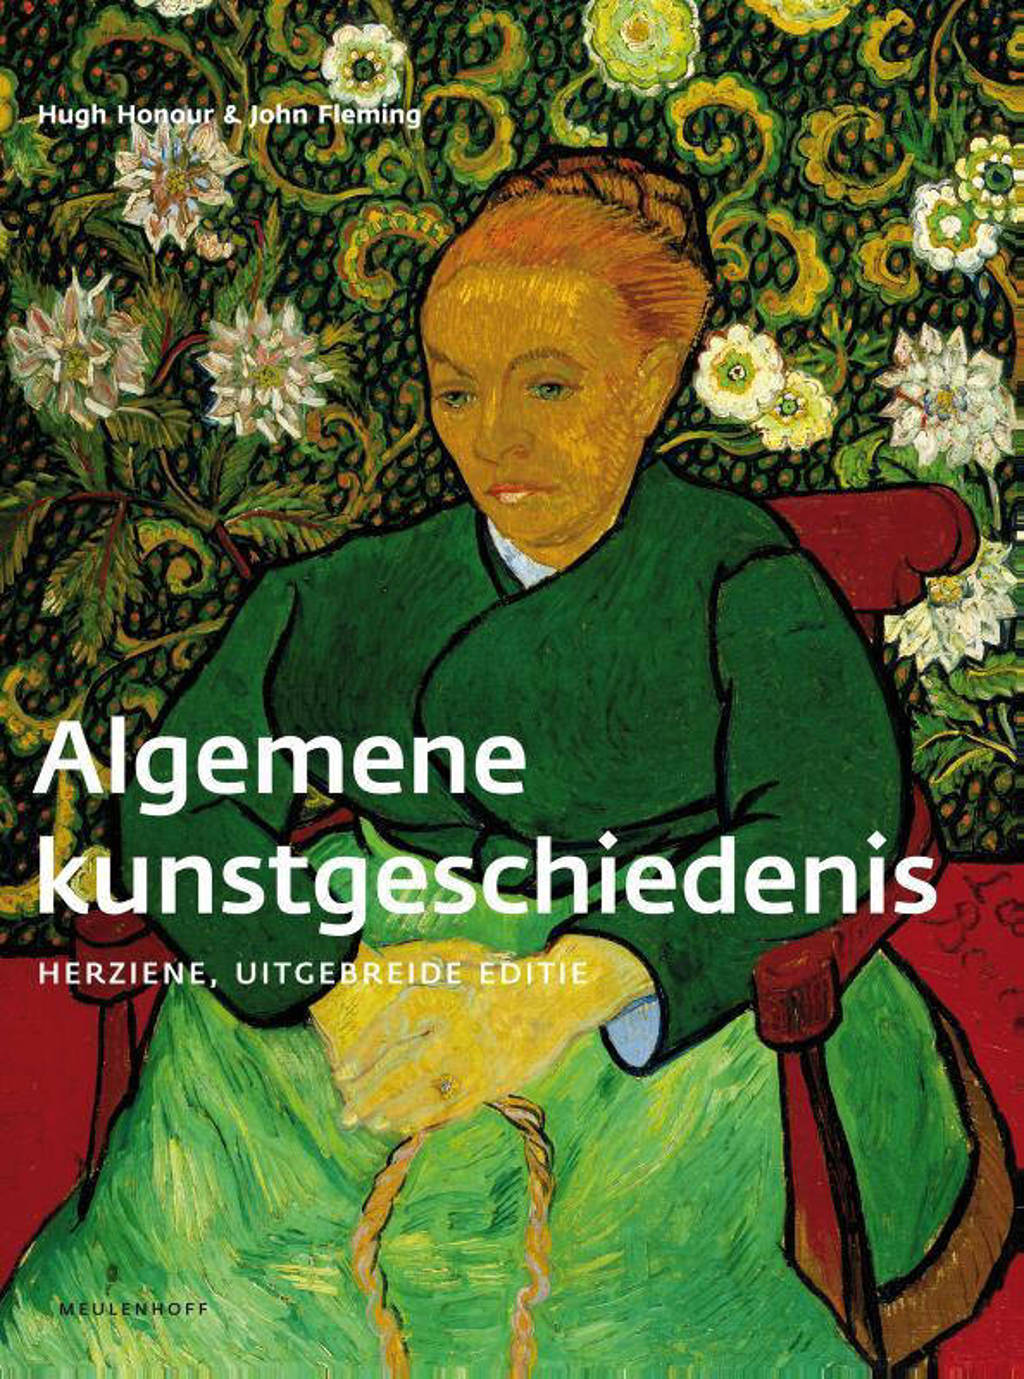 Algemene kunstgeschiedenis - Hugh Honour en John Fleming